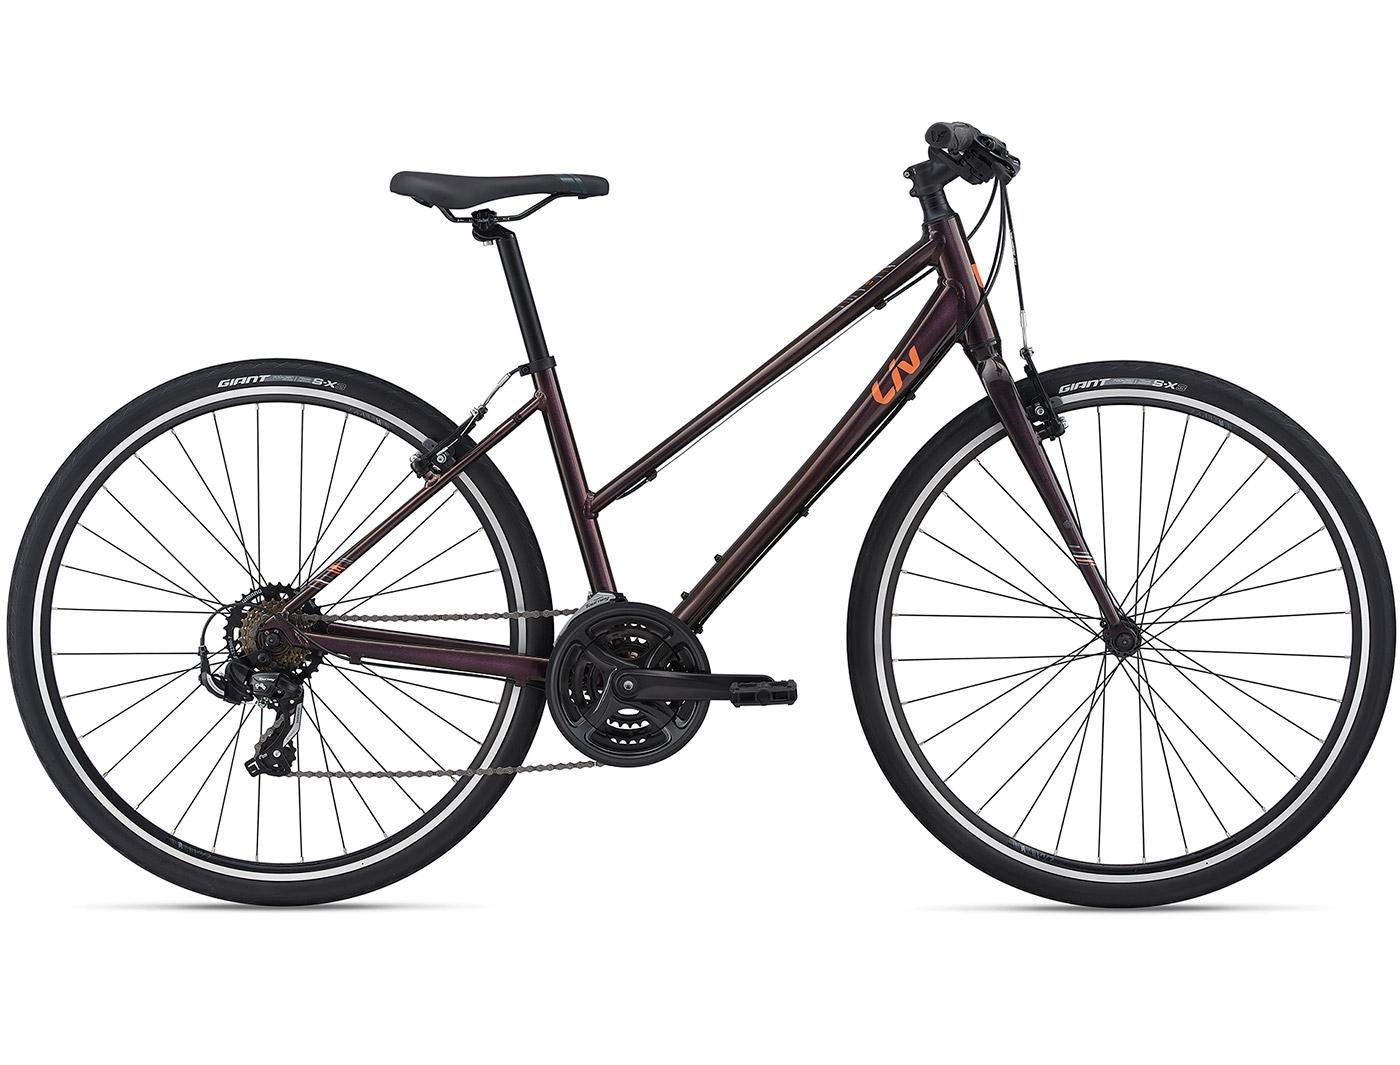 Велосипед Giant/Liv Alight 3 (2021)